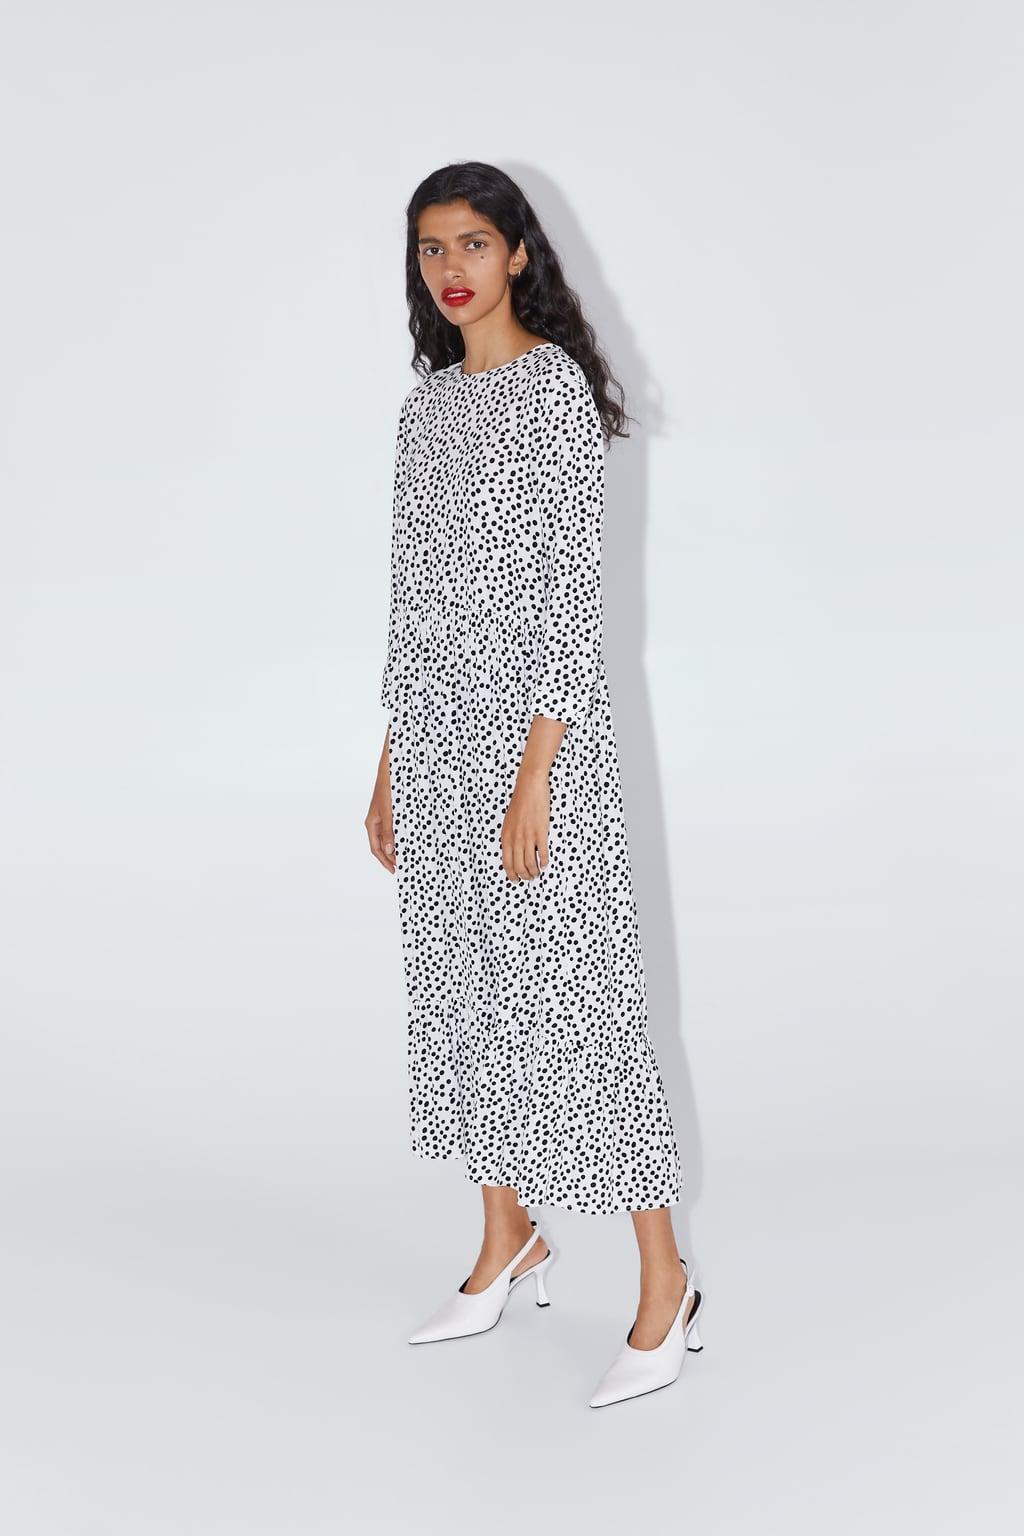 Drôle: cette robe Zara au succès dingue a son propre compte Instagram